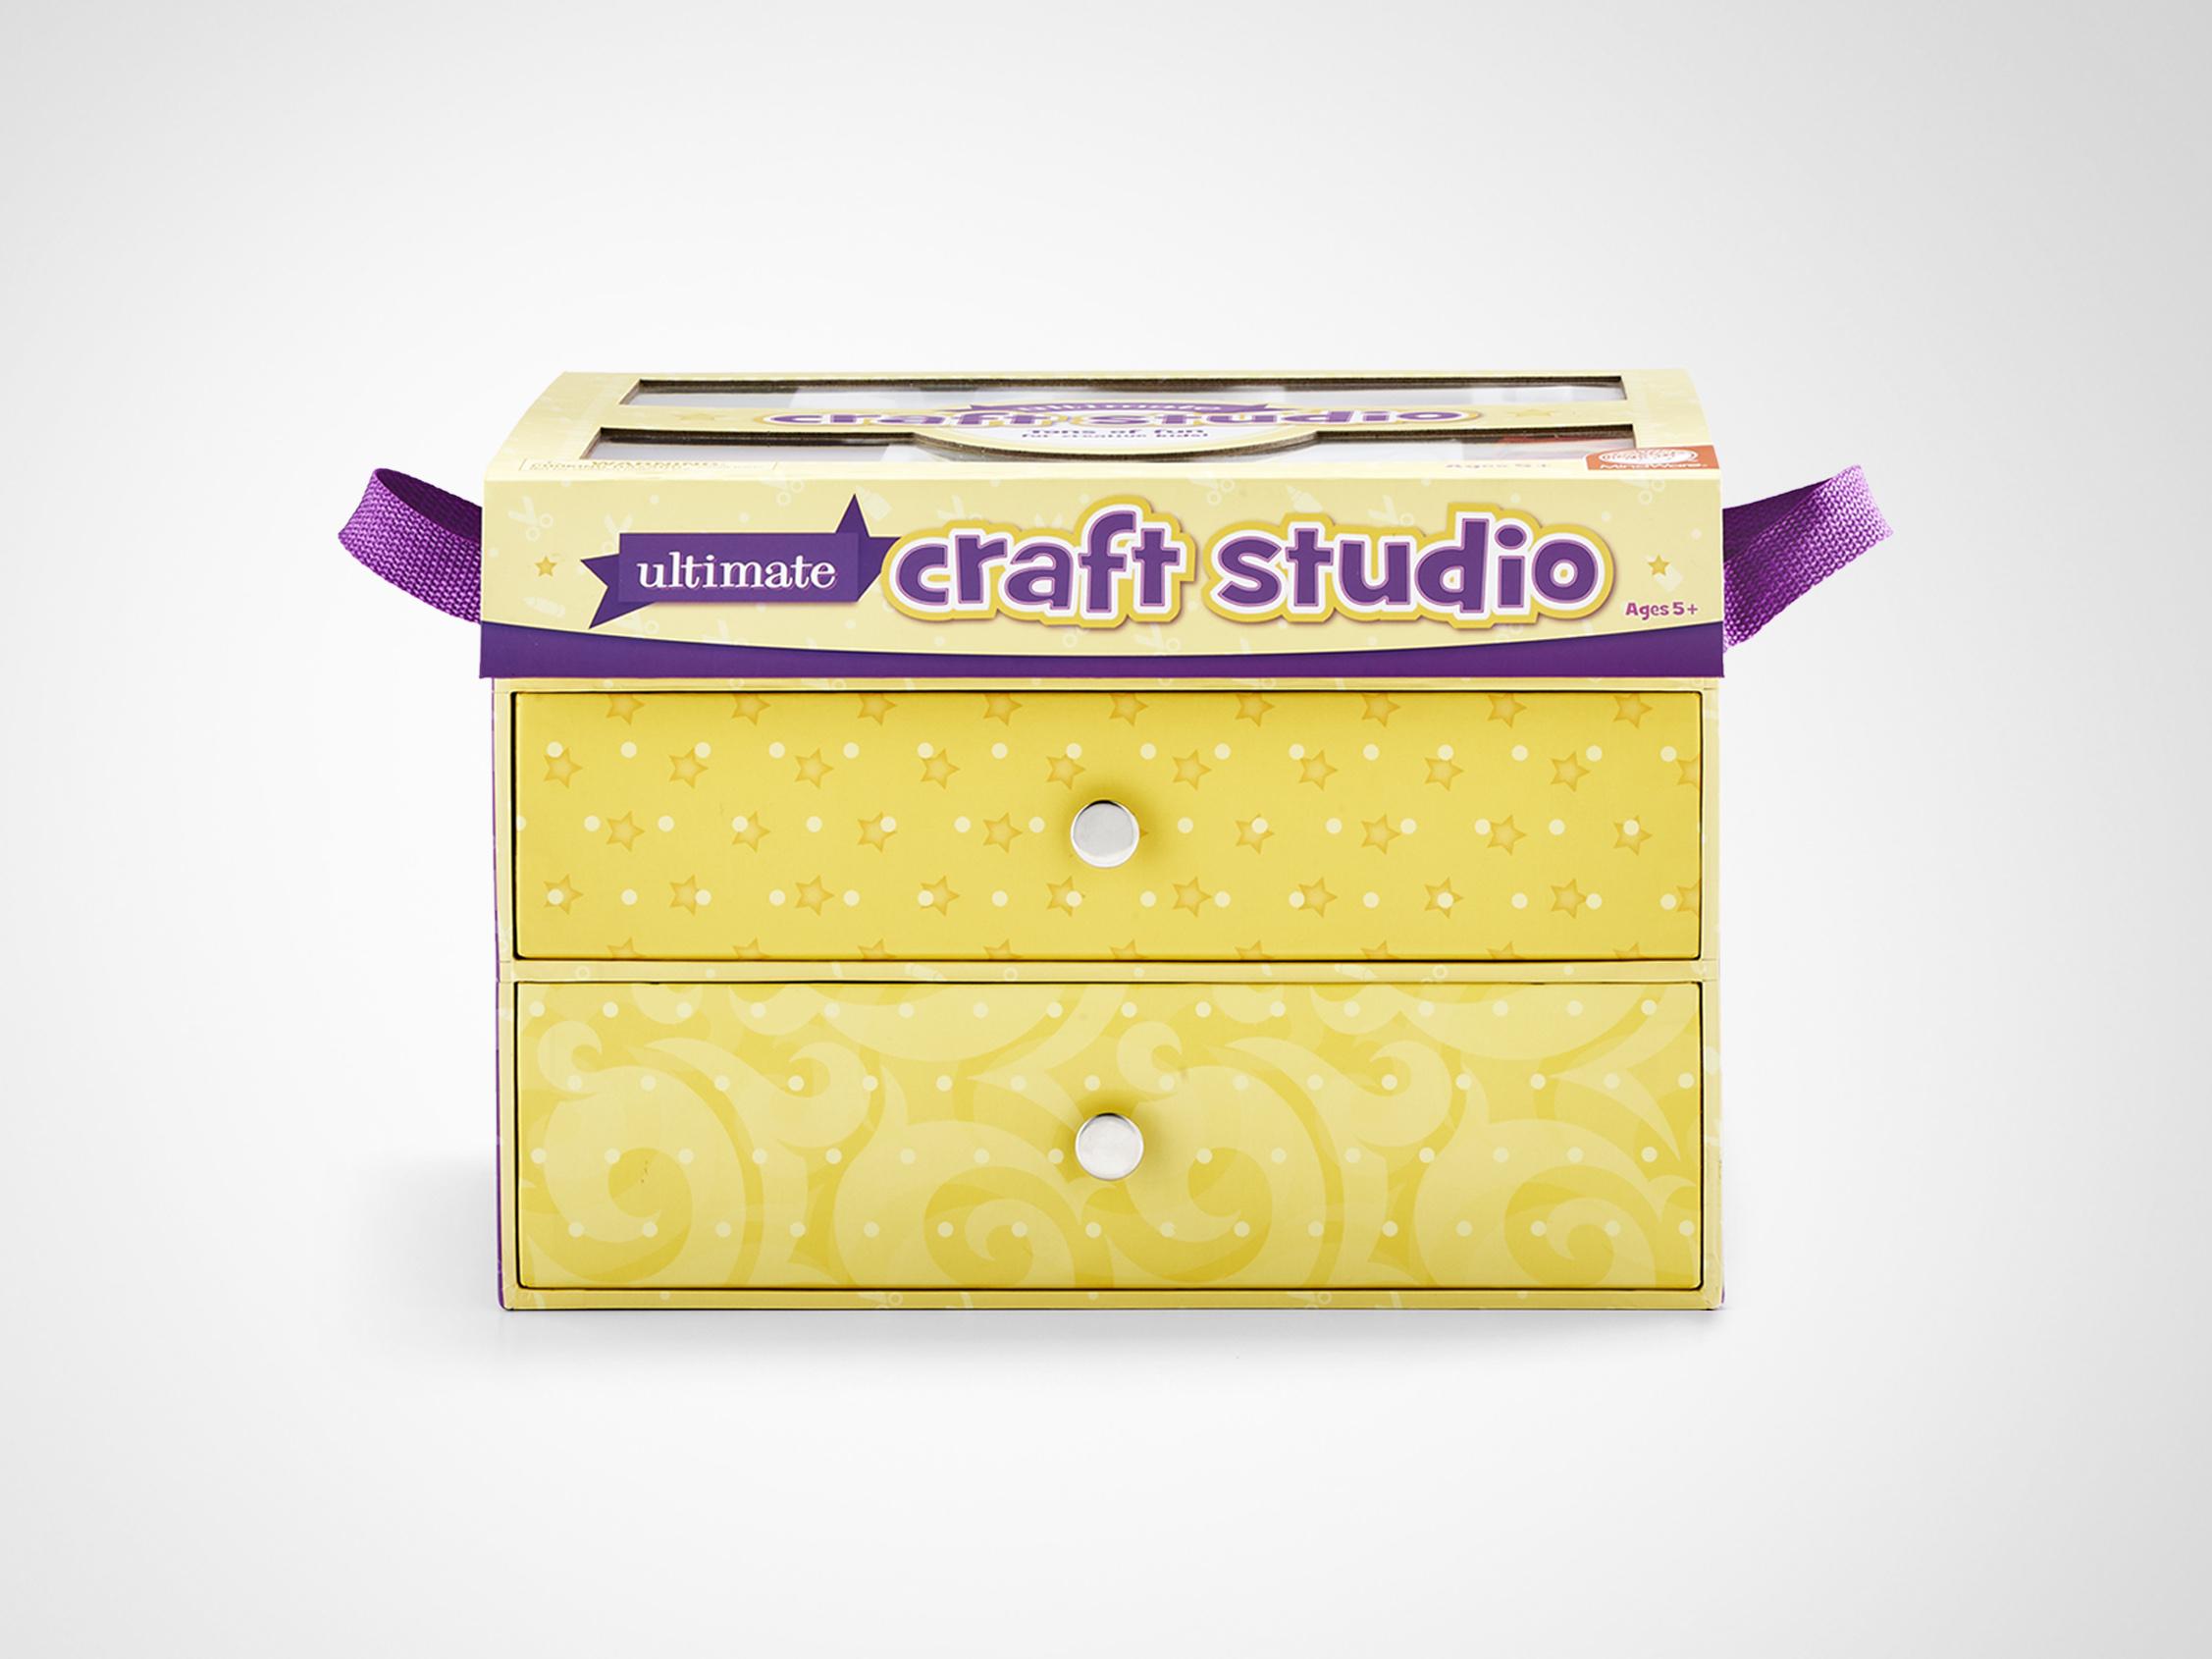 05_Craft_Studio_Front-copy3.jpg